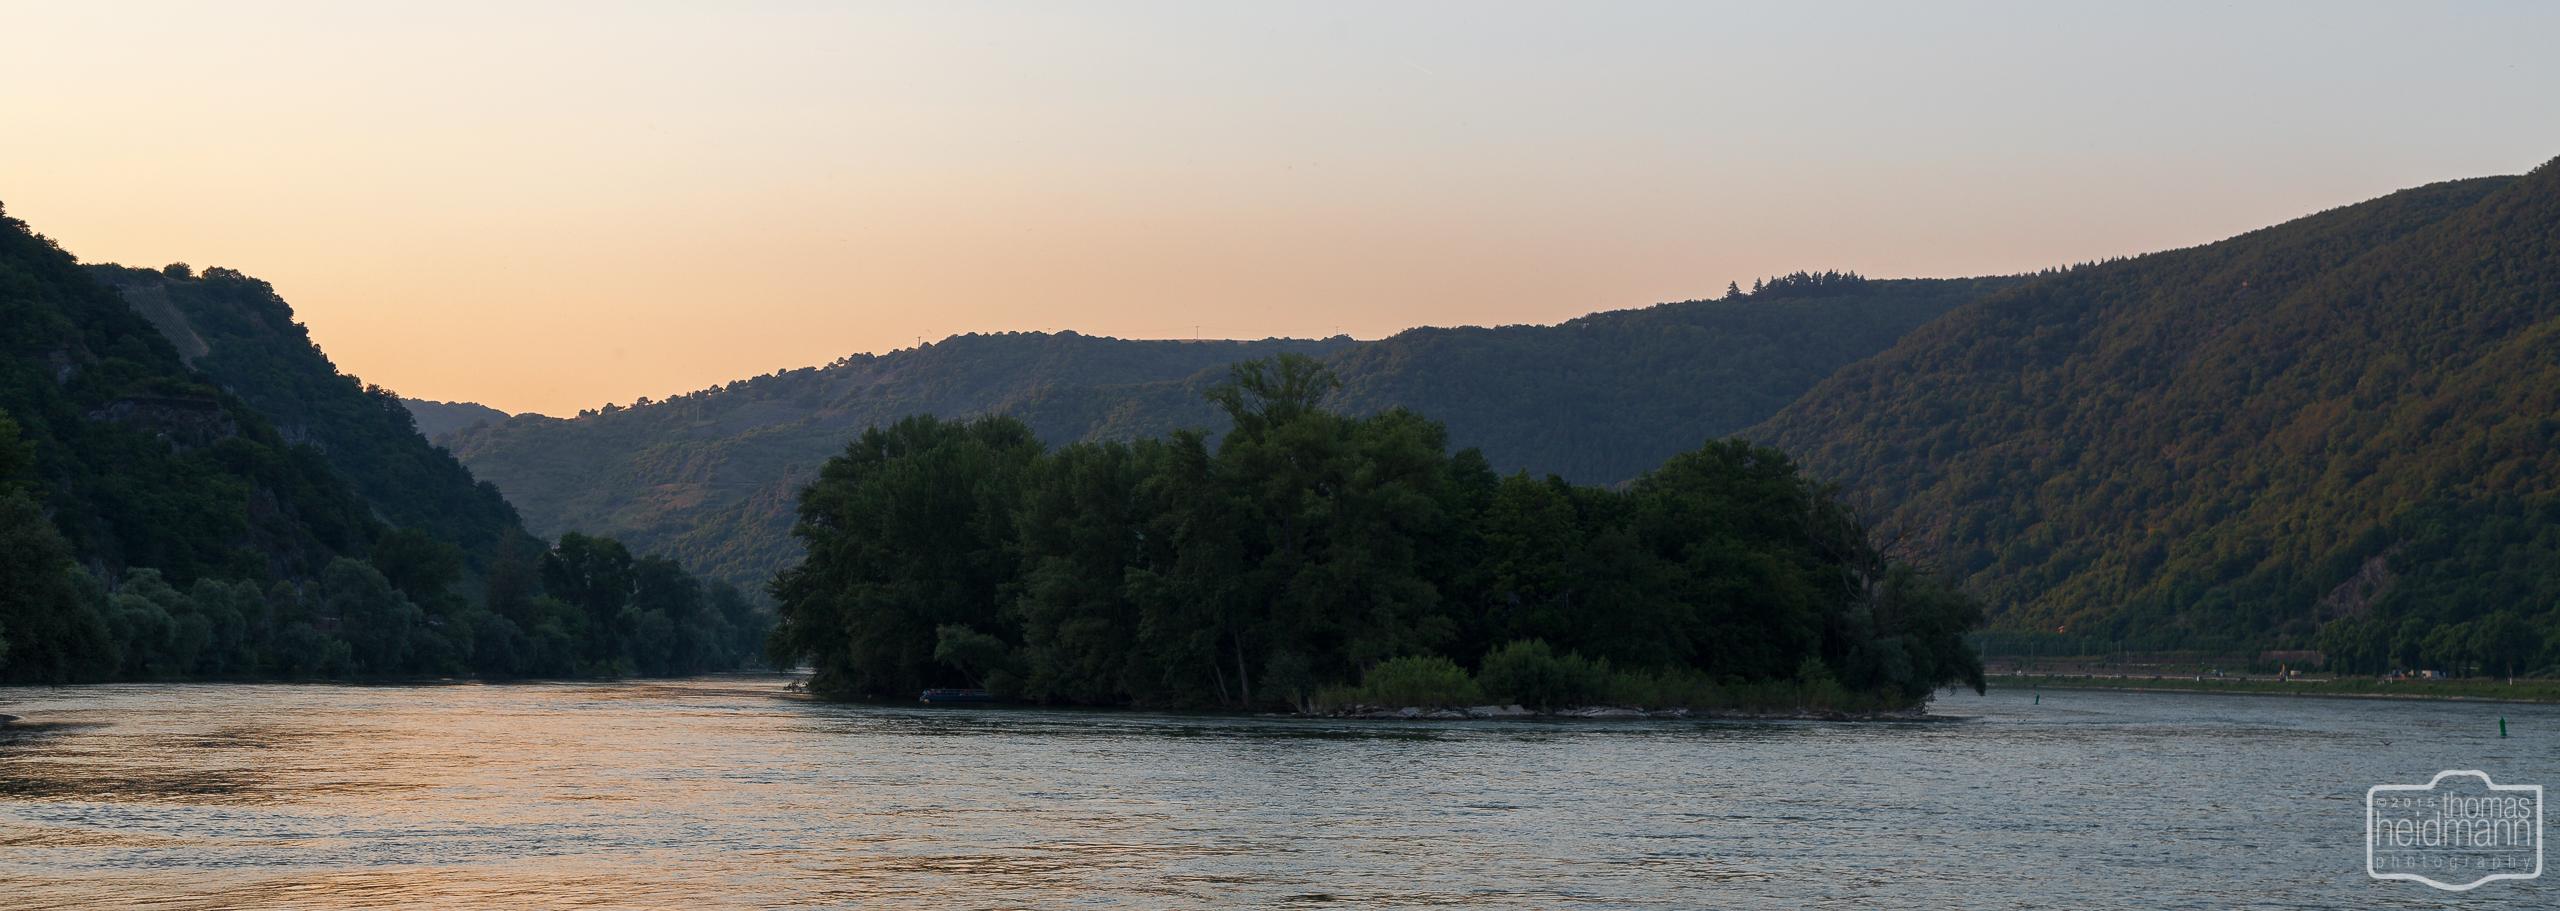 Sonnenuntergang am Mittelrhein